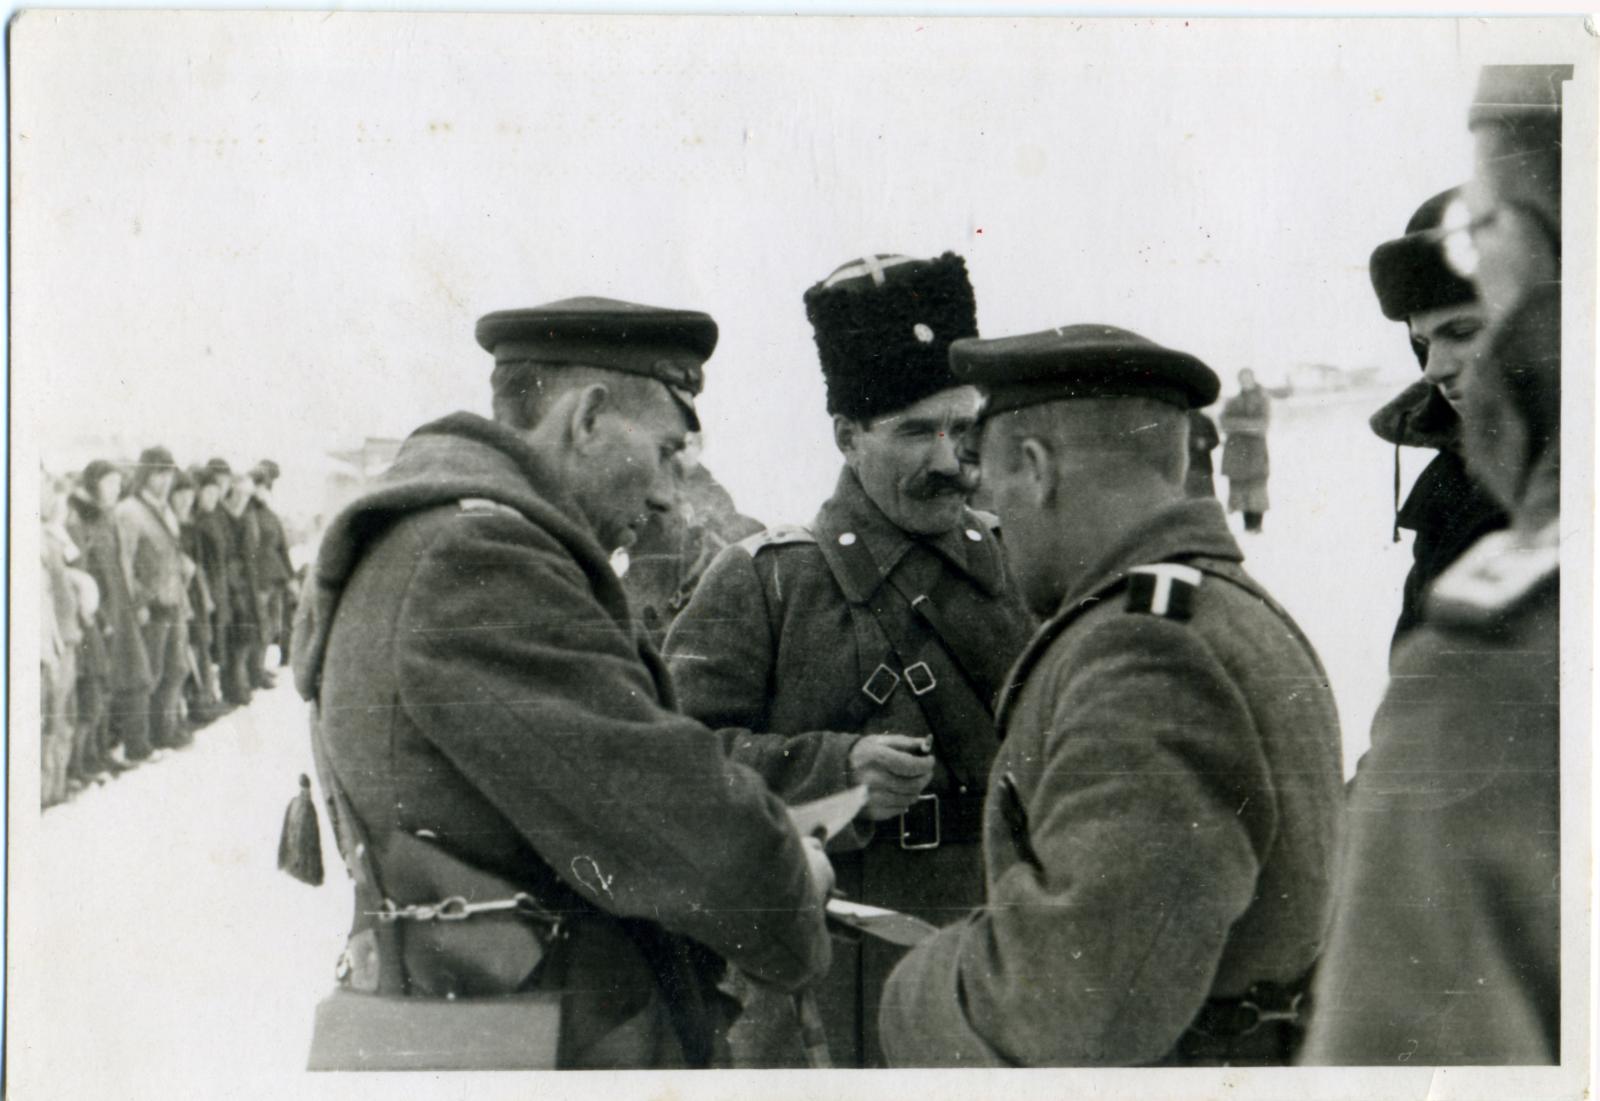 Командный состав 403-го казачьего кавалерийского дивизиона. Свердловск.